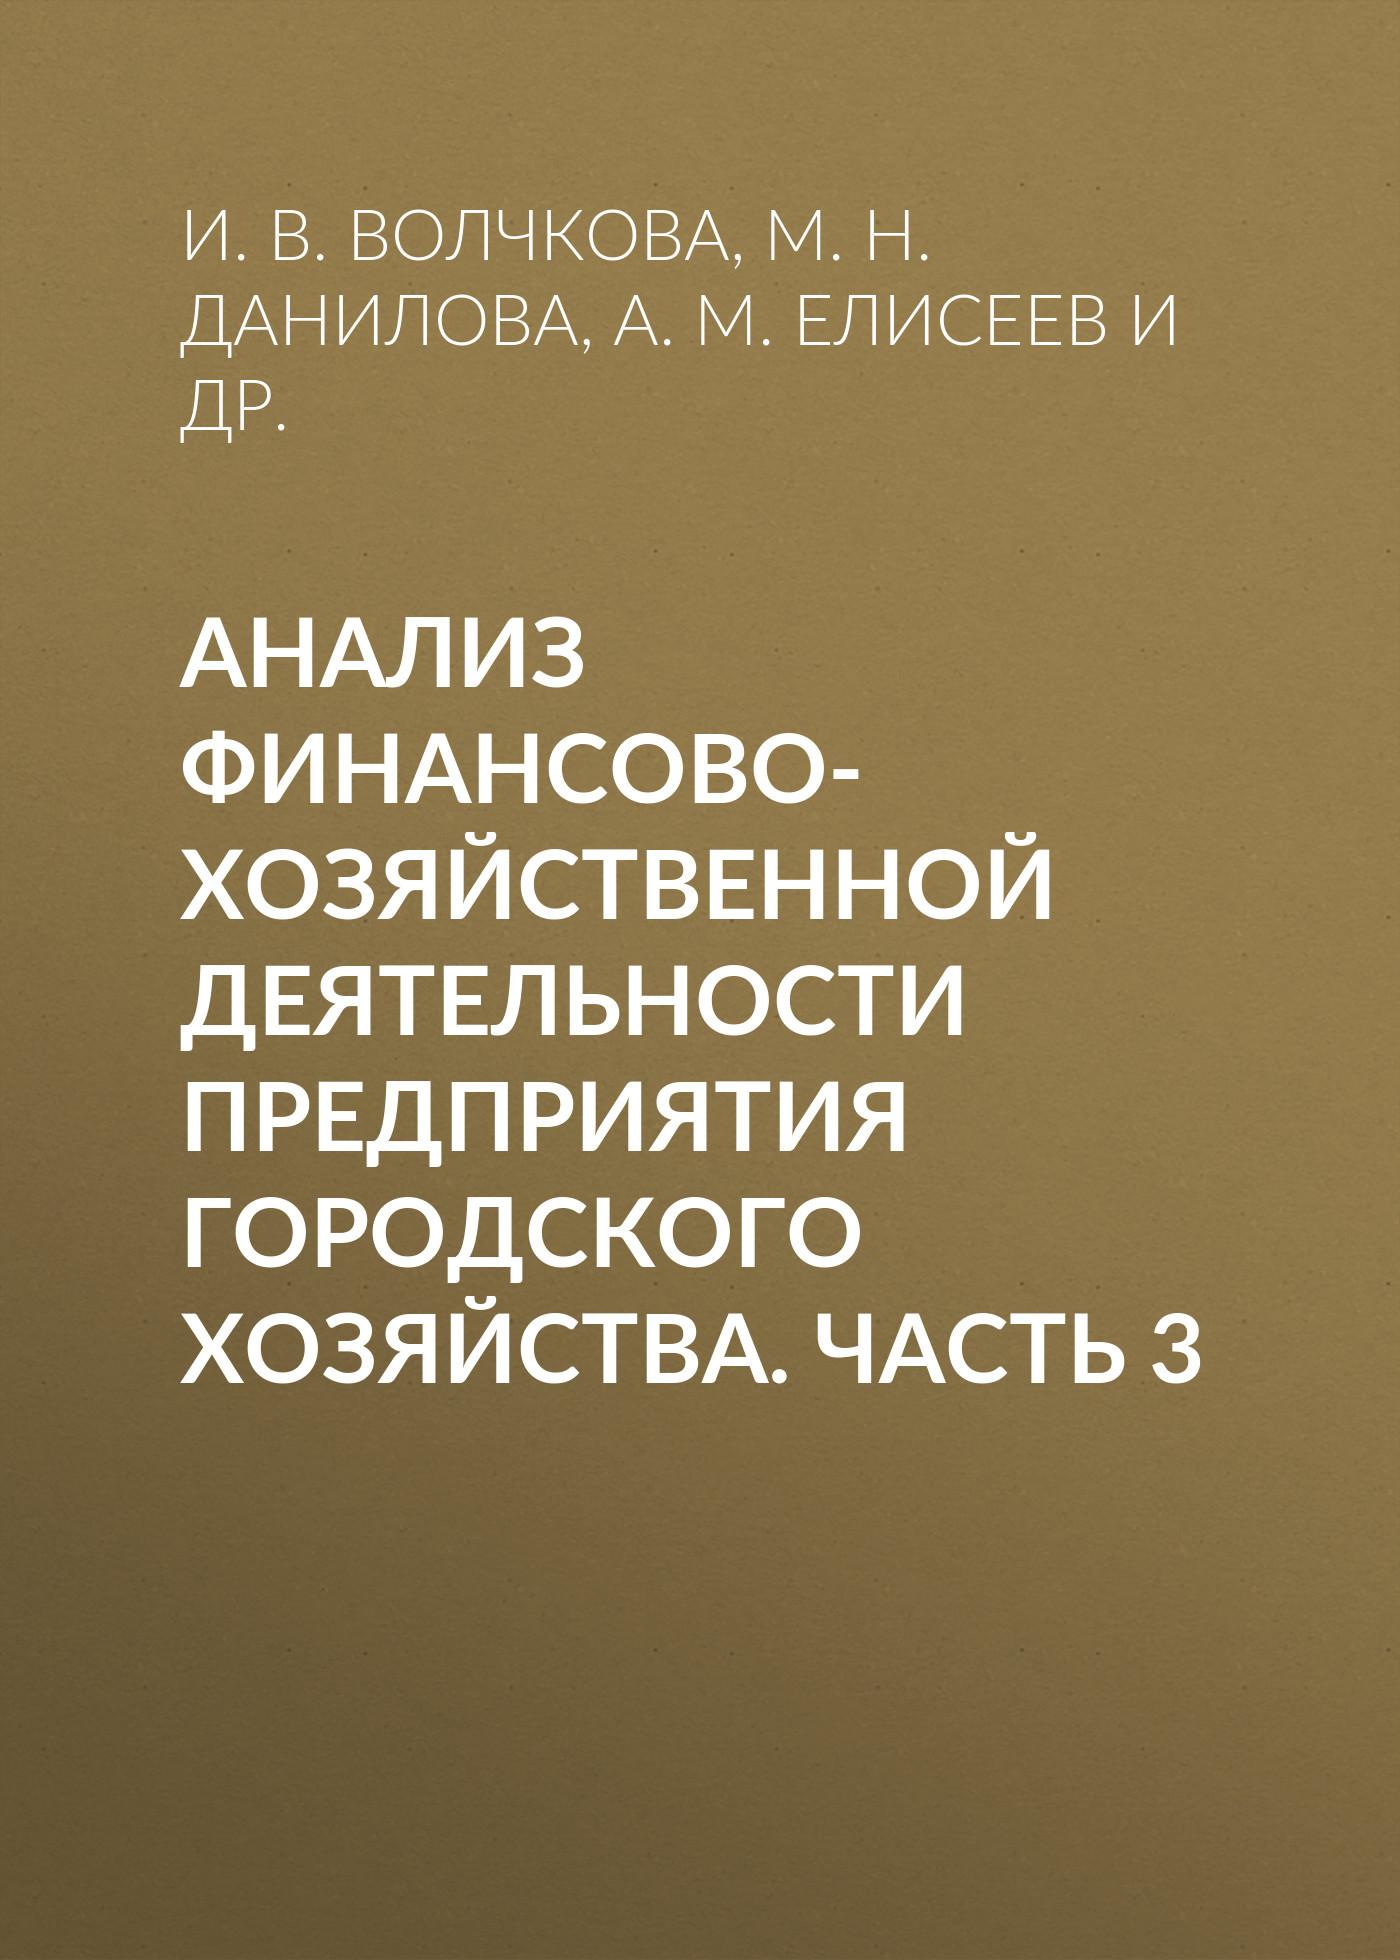 И. В. Волчкова Анализ финансово-хозяйственной деятельности предприятия городского хозяйства. Часть 3 связь на промышленных предприятиях